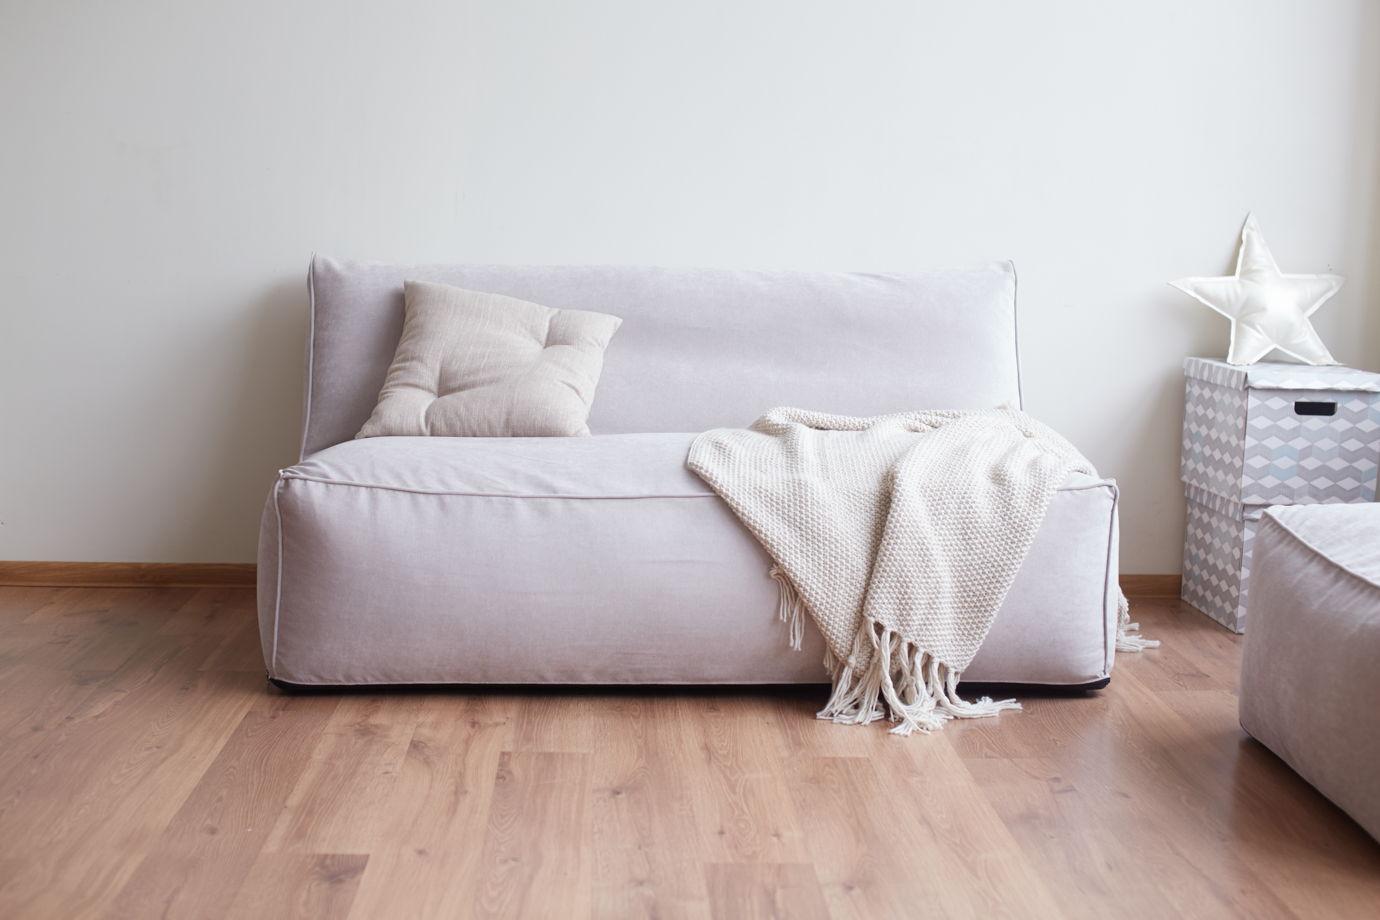 Бескаркасный двухместный диван Longer